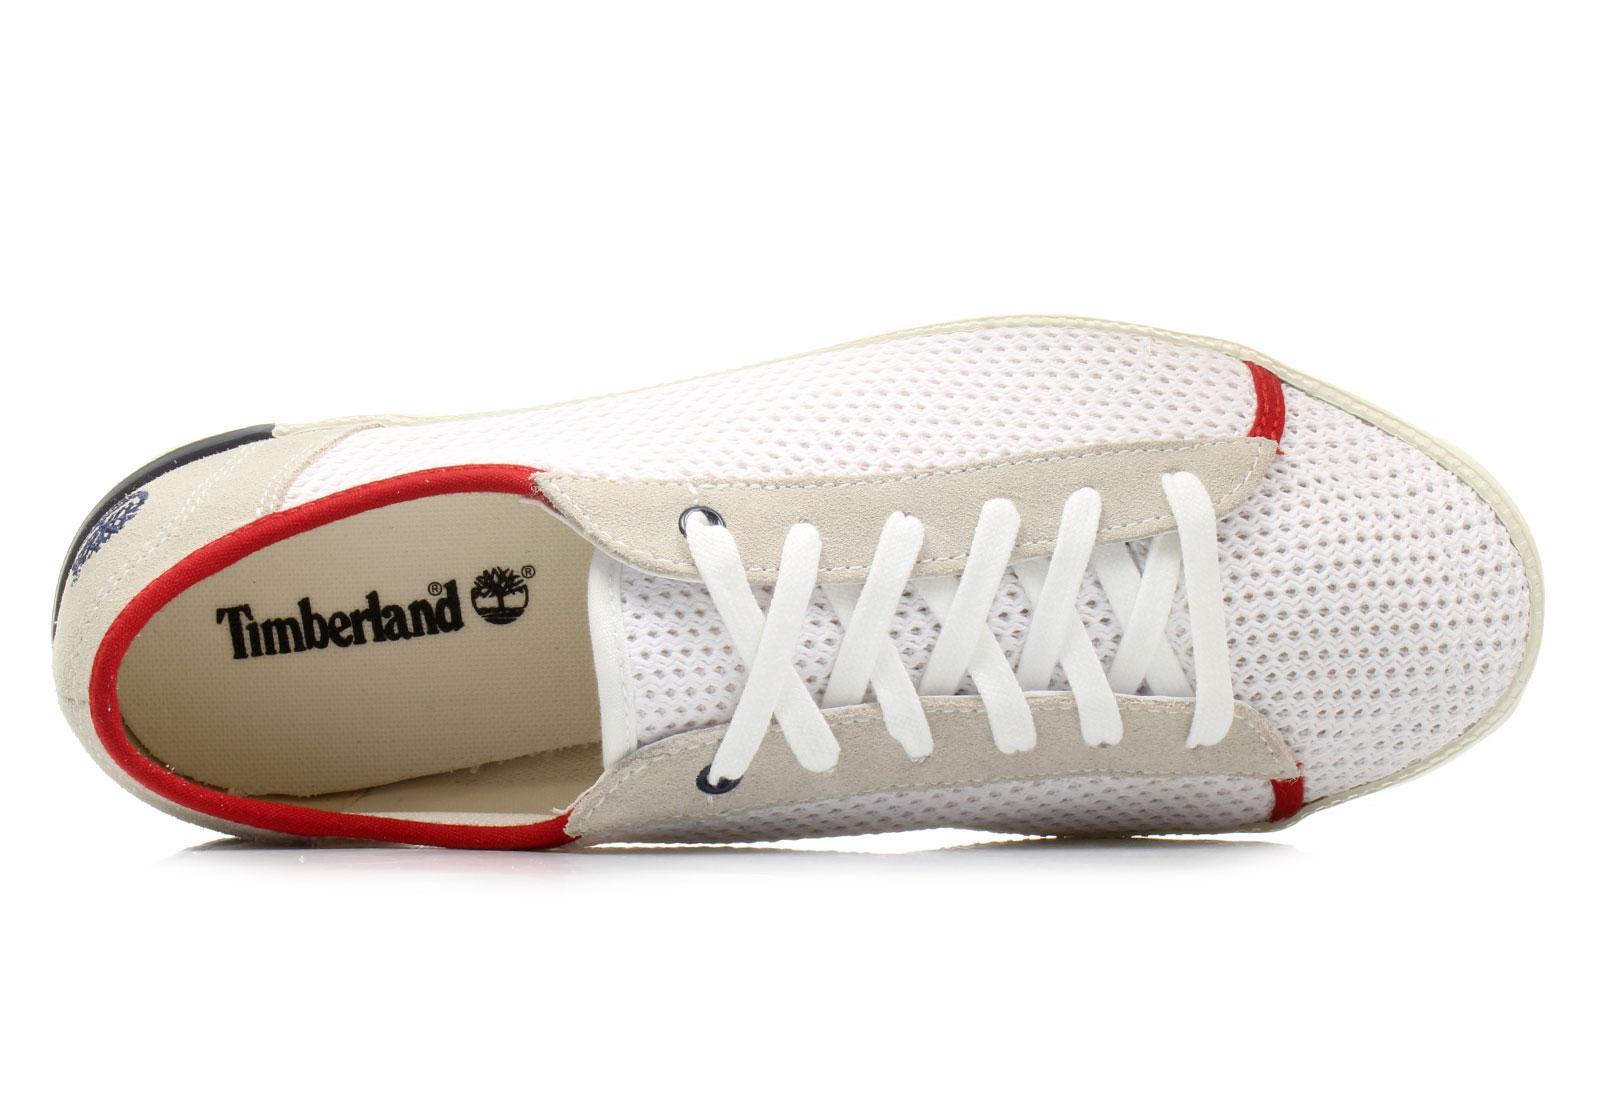 e541c0cc5346 Timberland Cipő - Newport Bay - a18ih-wht - Office Shoes Magyarország